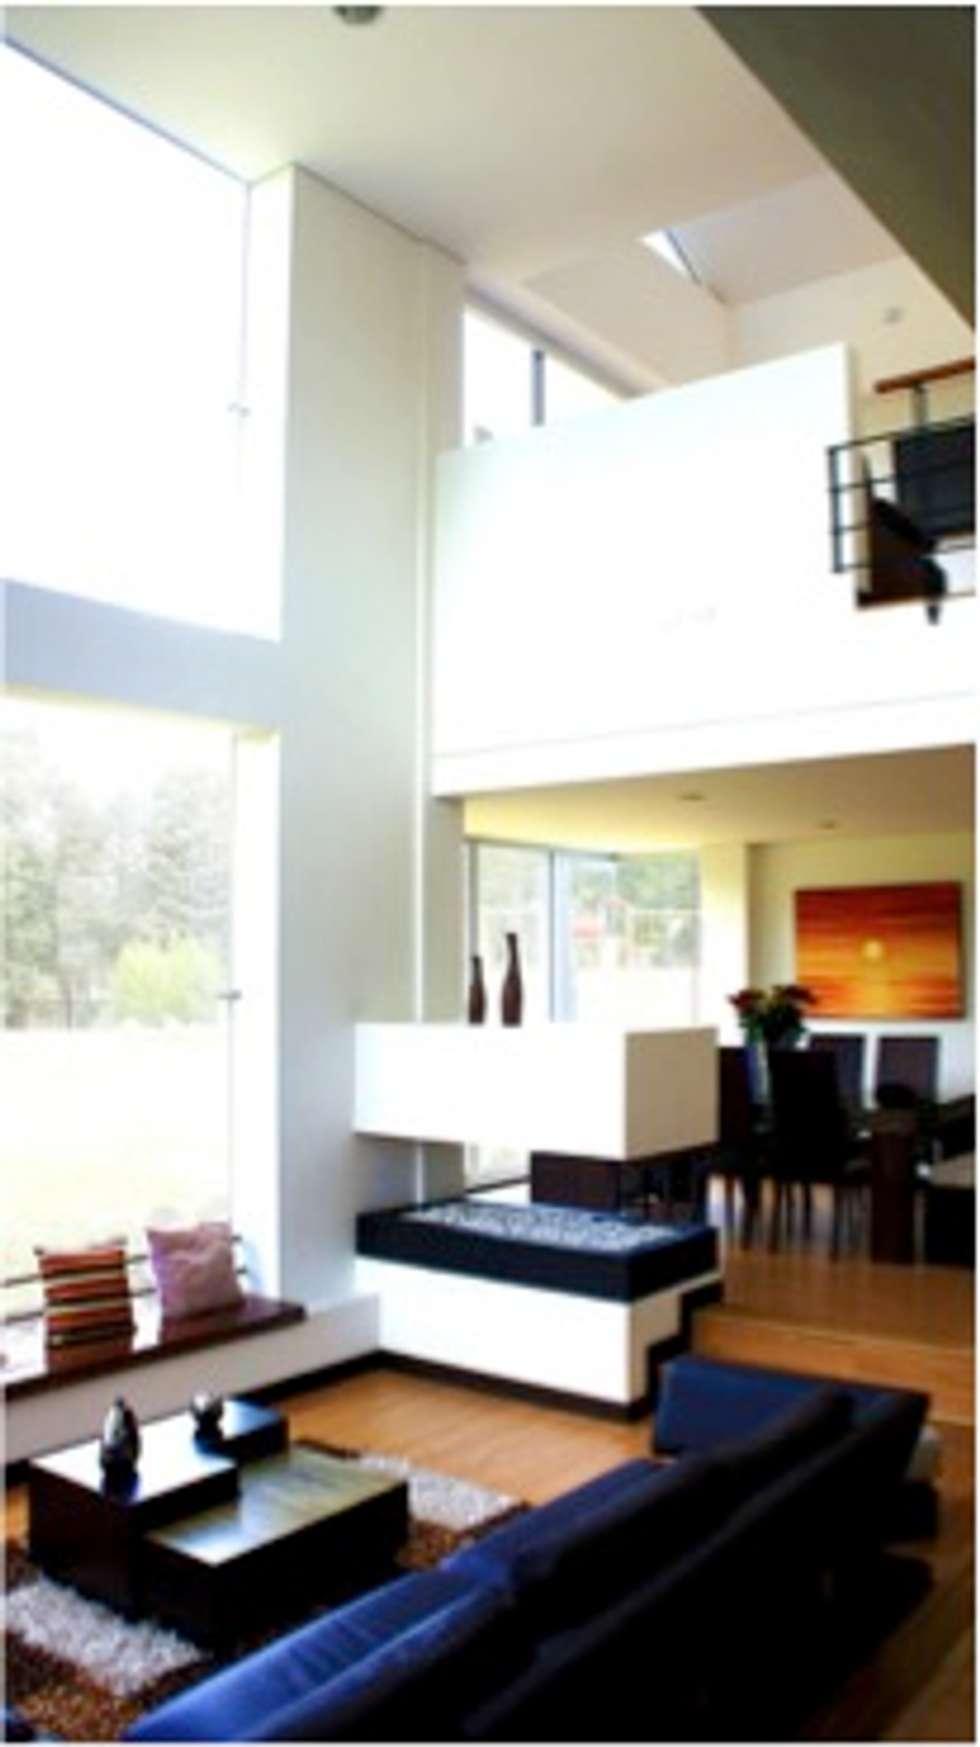 Integración sala comedor: Comedores de estilo moderno por AV arquitectos